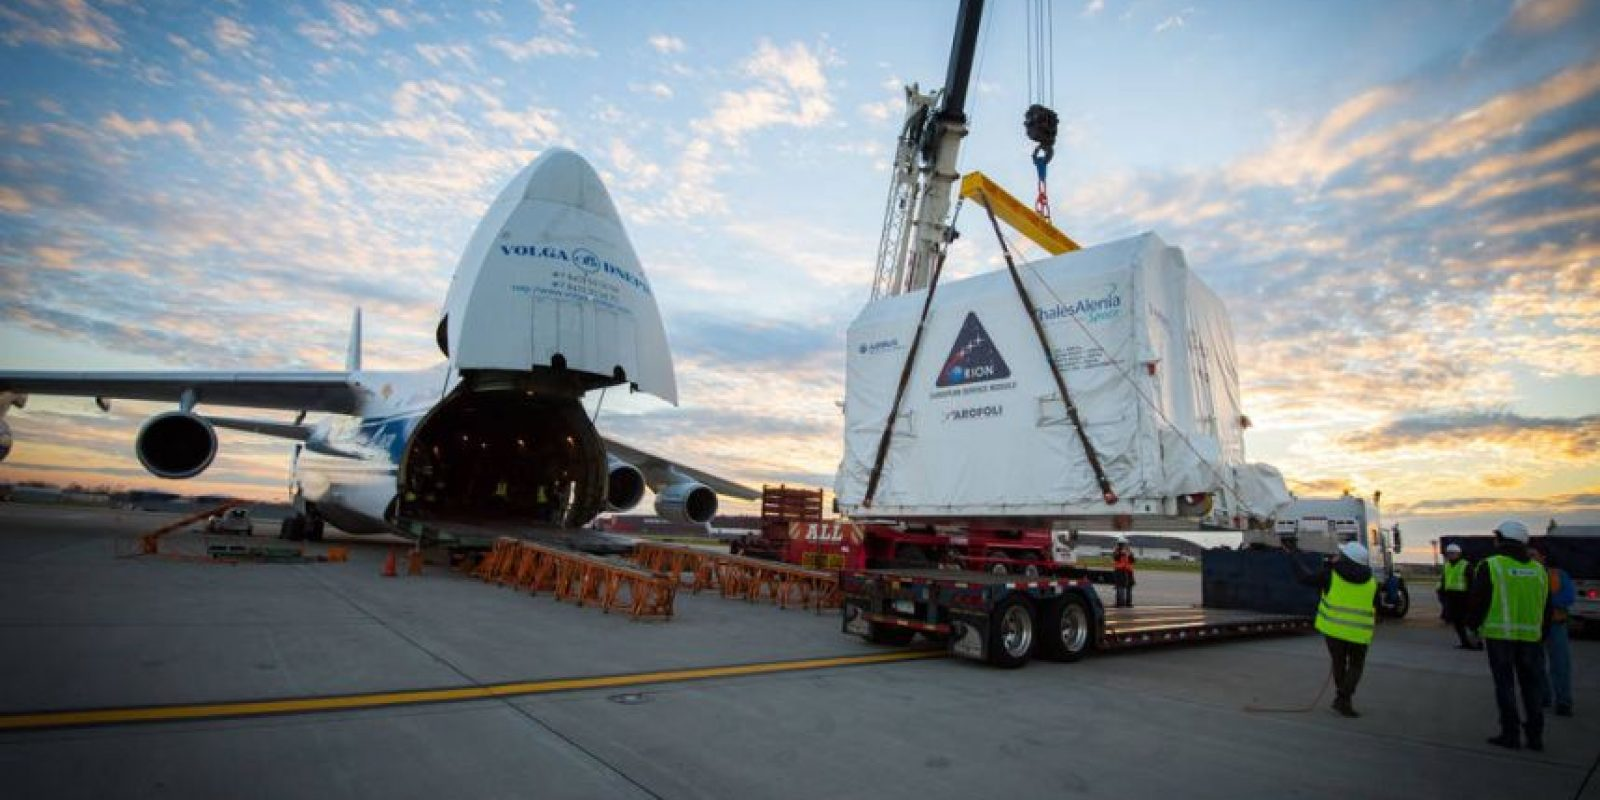 La NASA esta preparando la nave que espera llegar a Marte. Foto:nasa.gov